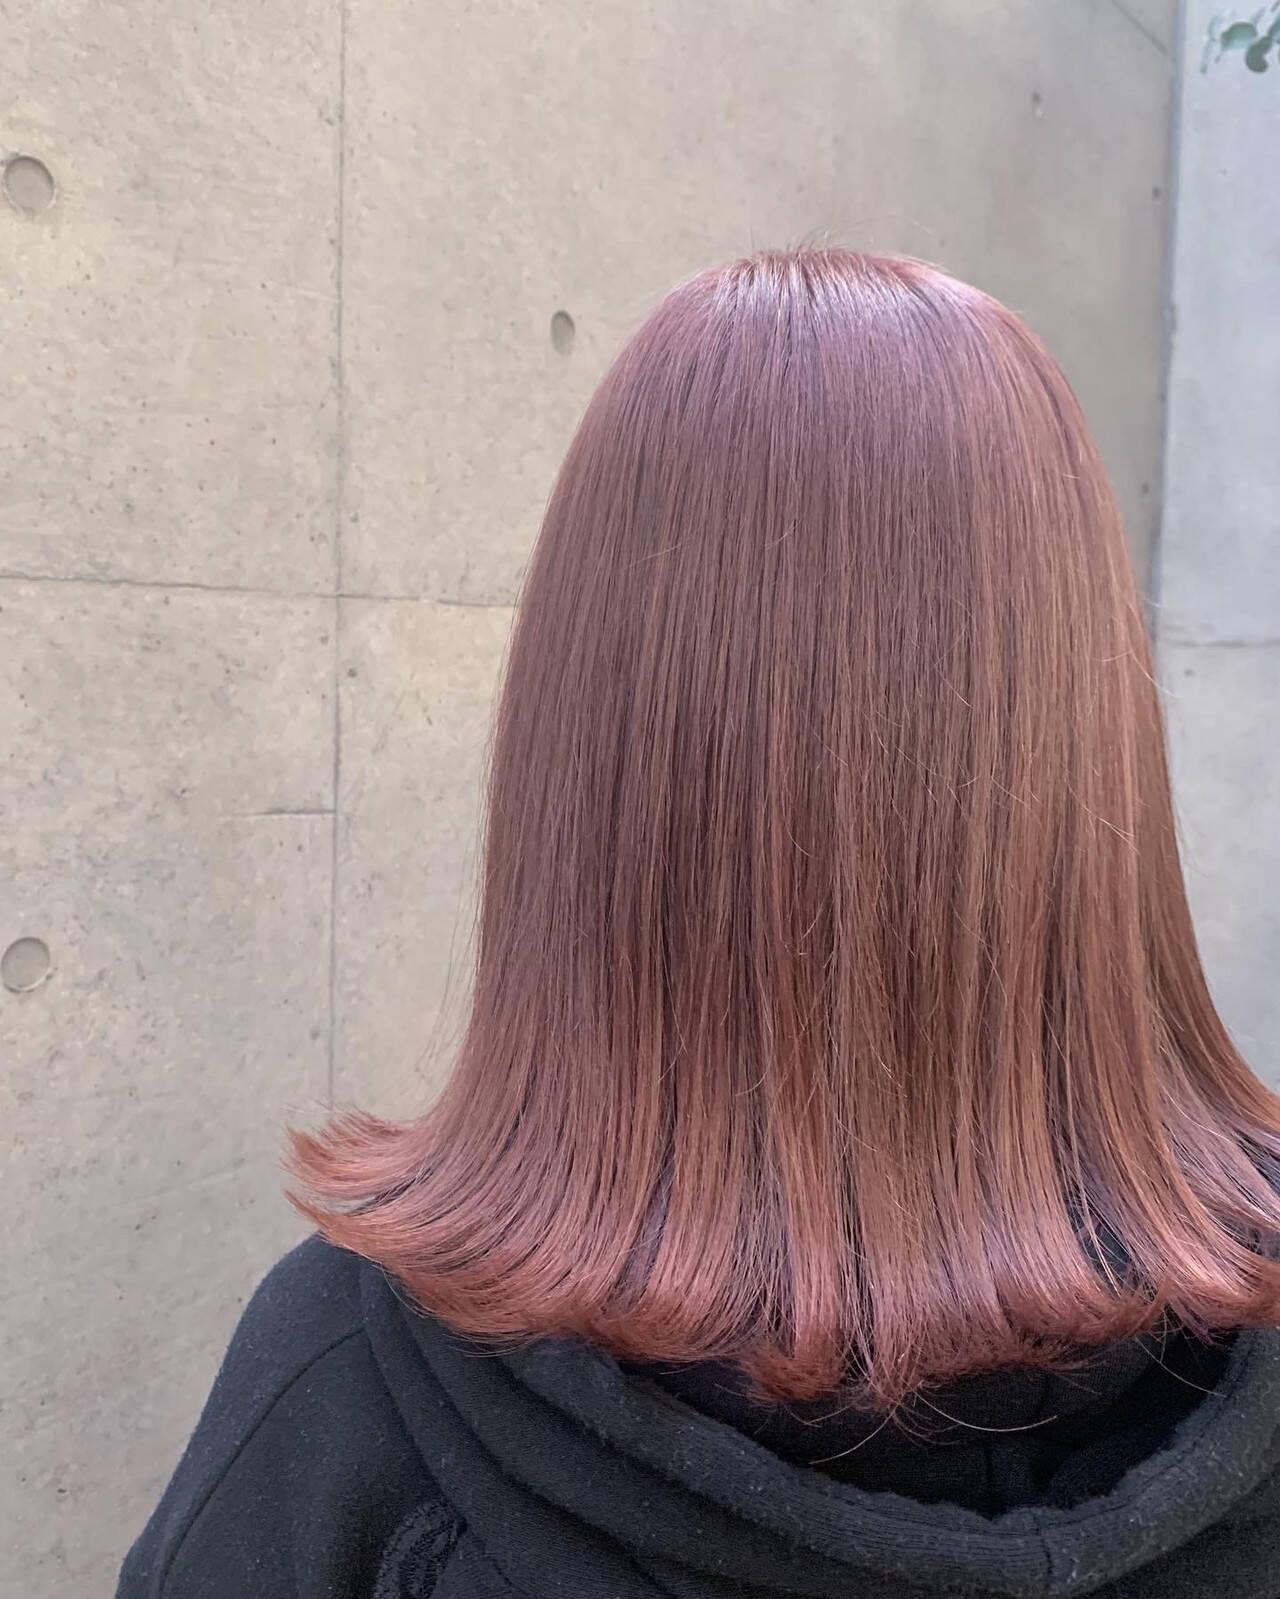 ガーリー ピンクカラー ダブルカラー 切りっぱなしボブヘアスタイルや髪型の写真・画像